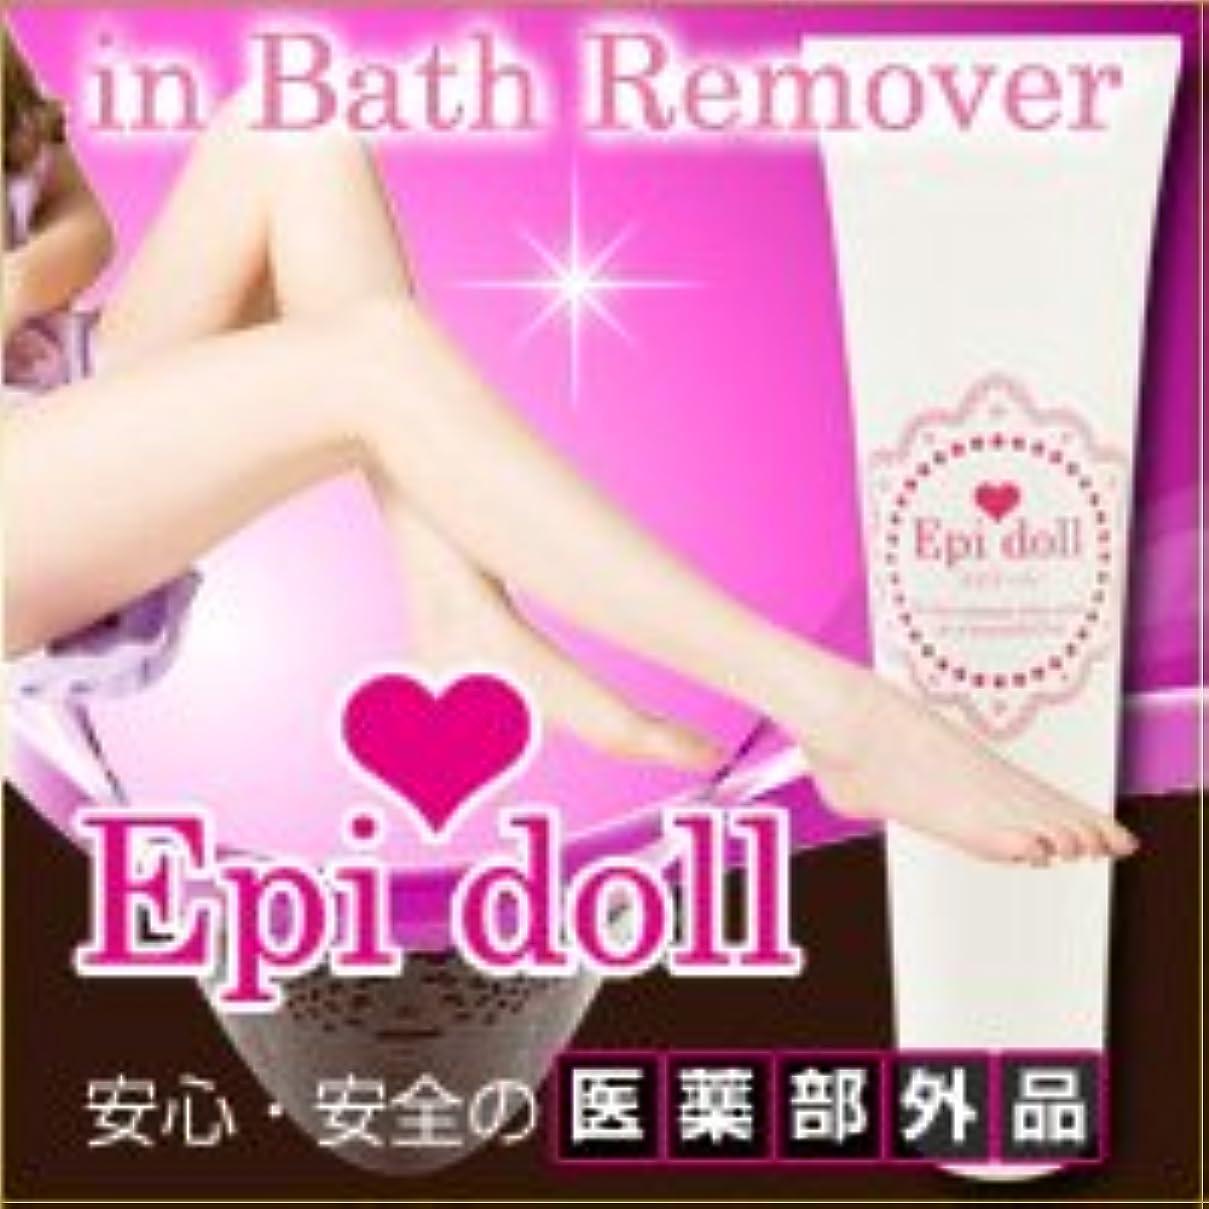 土地拘束空気【医薬部外品 Epi doll in bath remover(エピドール インバスリムーバー)】